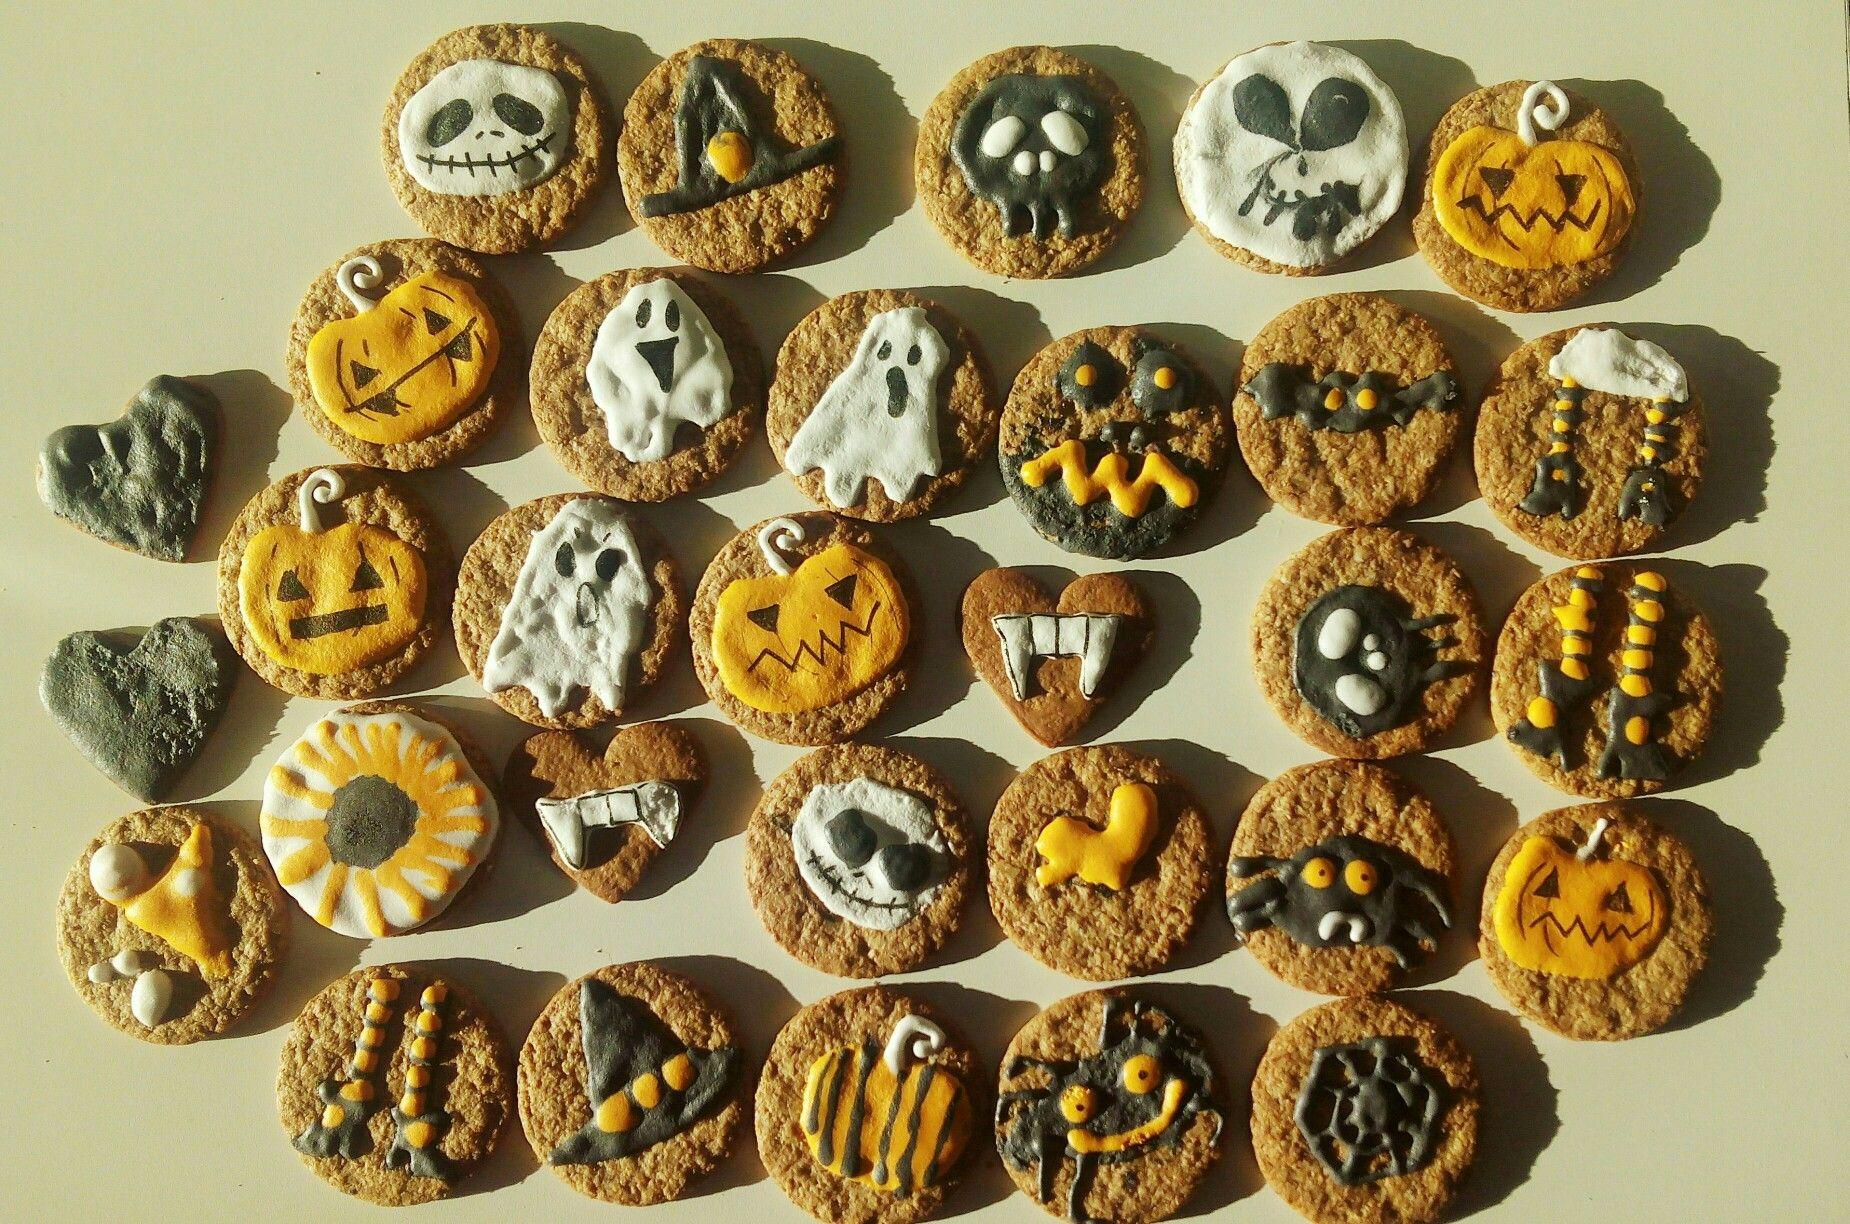 Galletas de avena compradas y decoradas de halloween